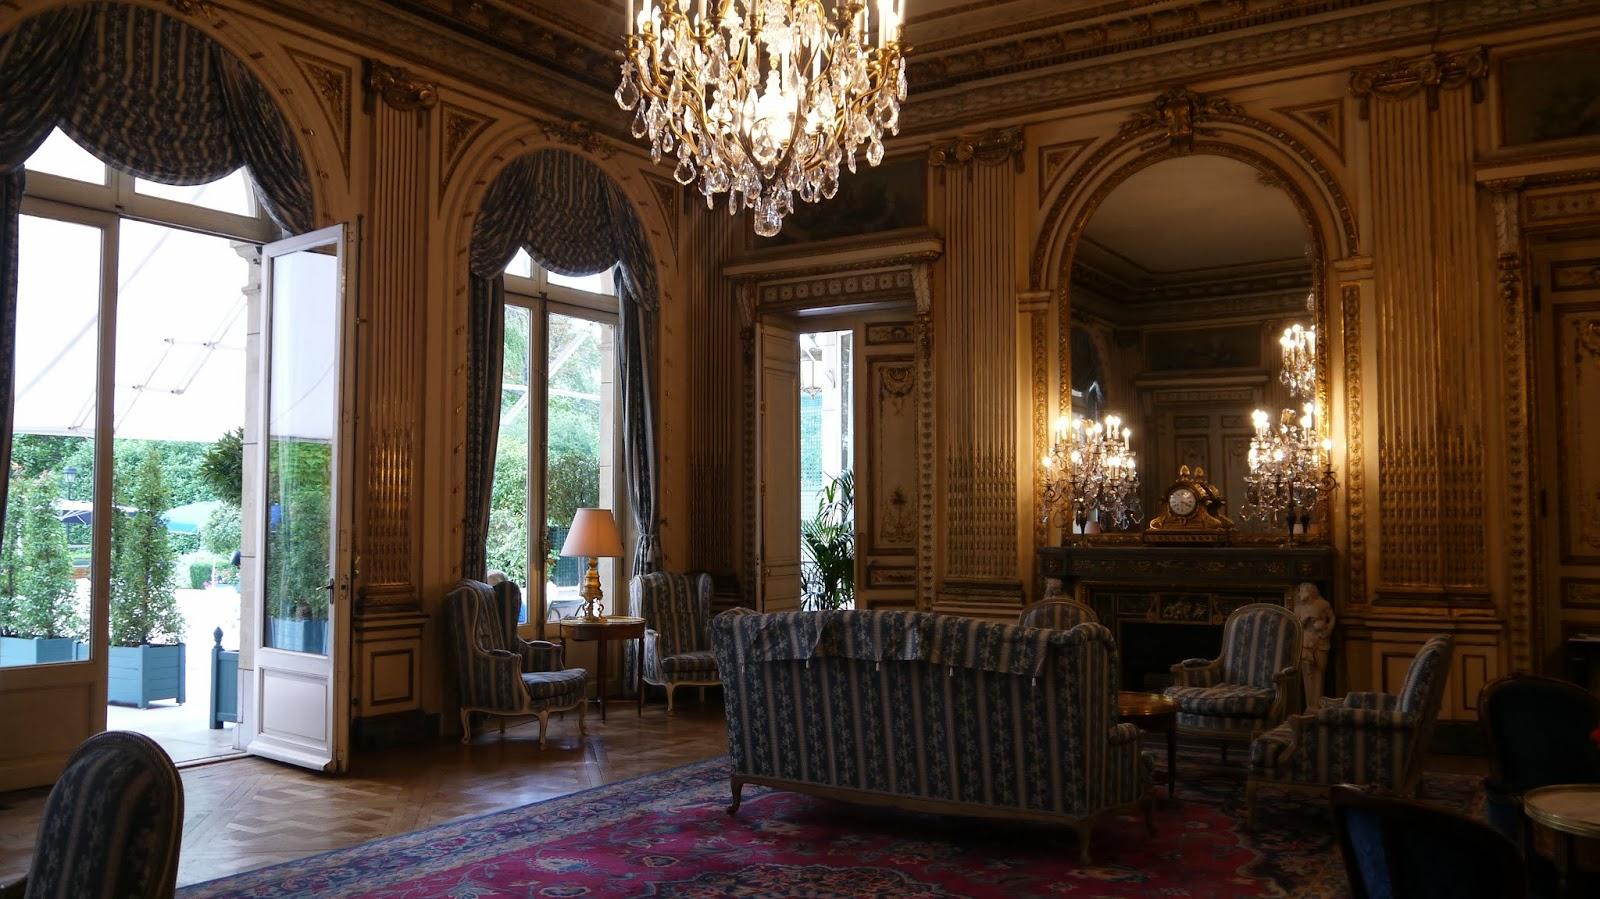 paris day 2 saint chapelle cercle interalli e lux life london a luxury lifestyle blog. Black Bedroom Furniture Sets. Home Design Ideas